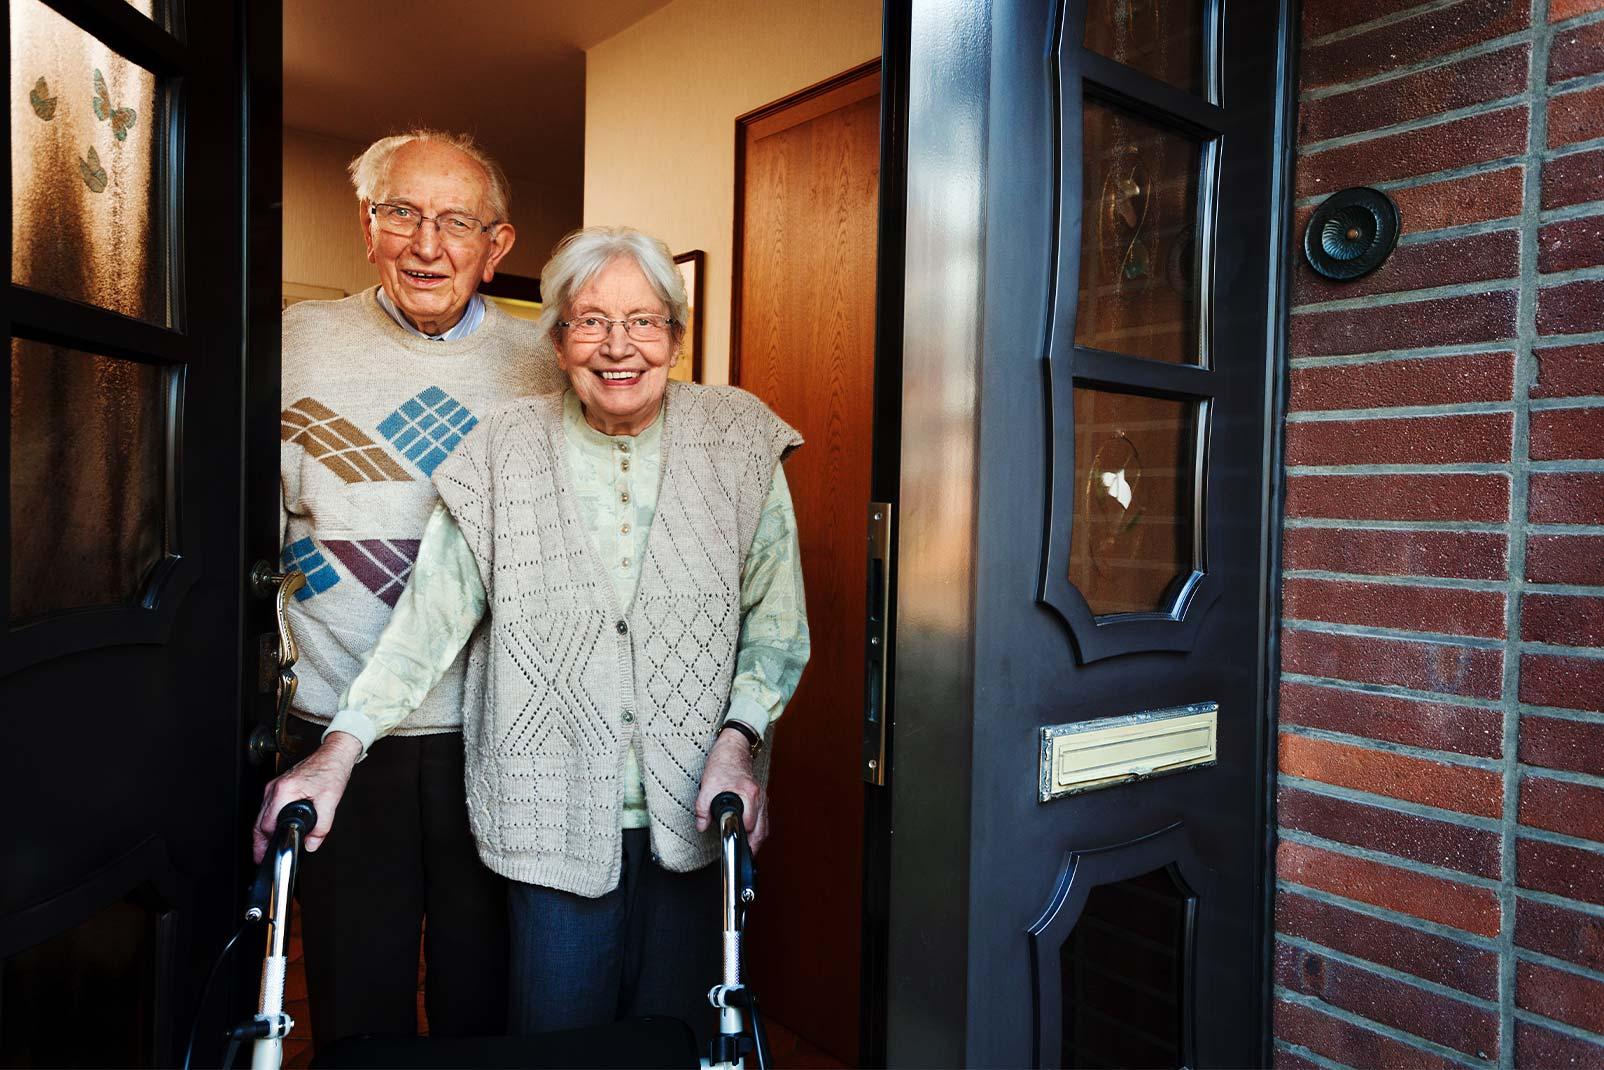 Altes Ehepaar steht in ihrem Hauseingang